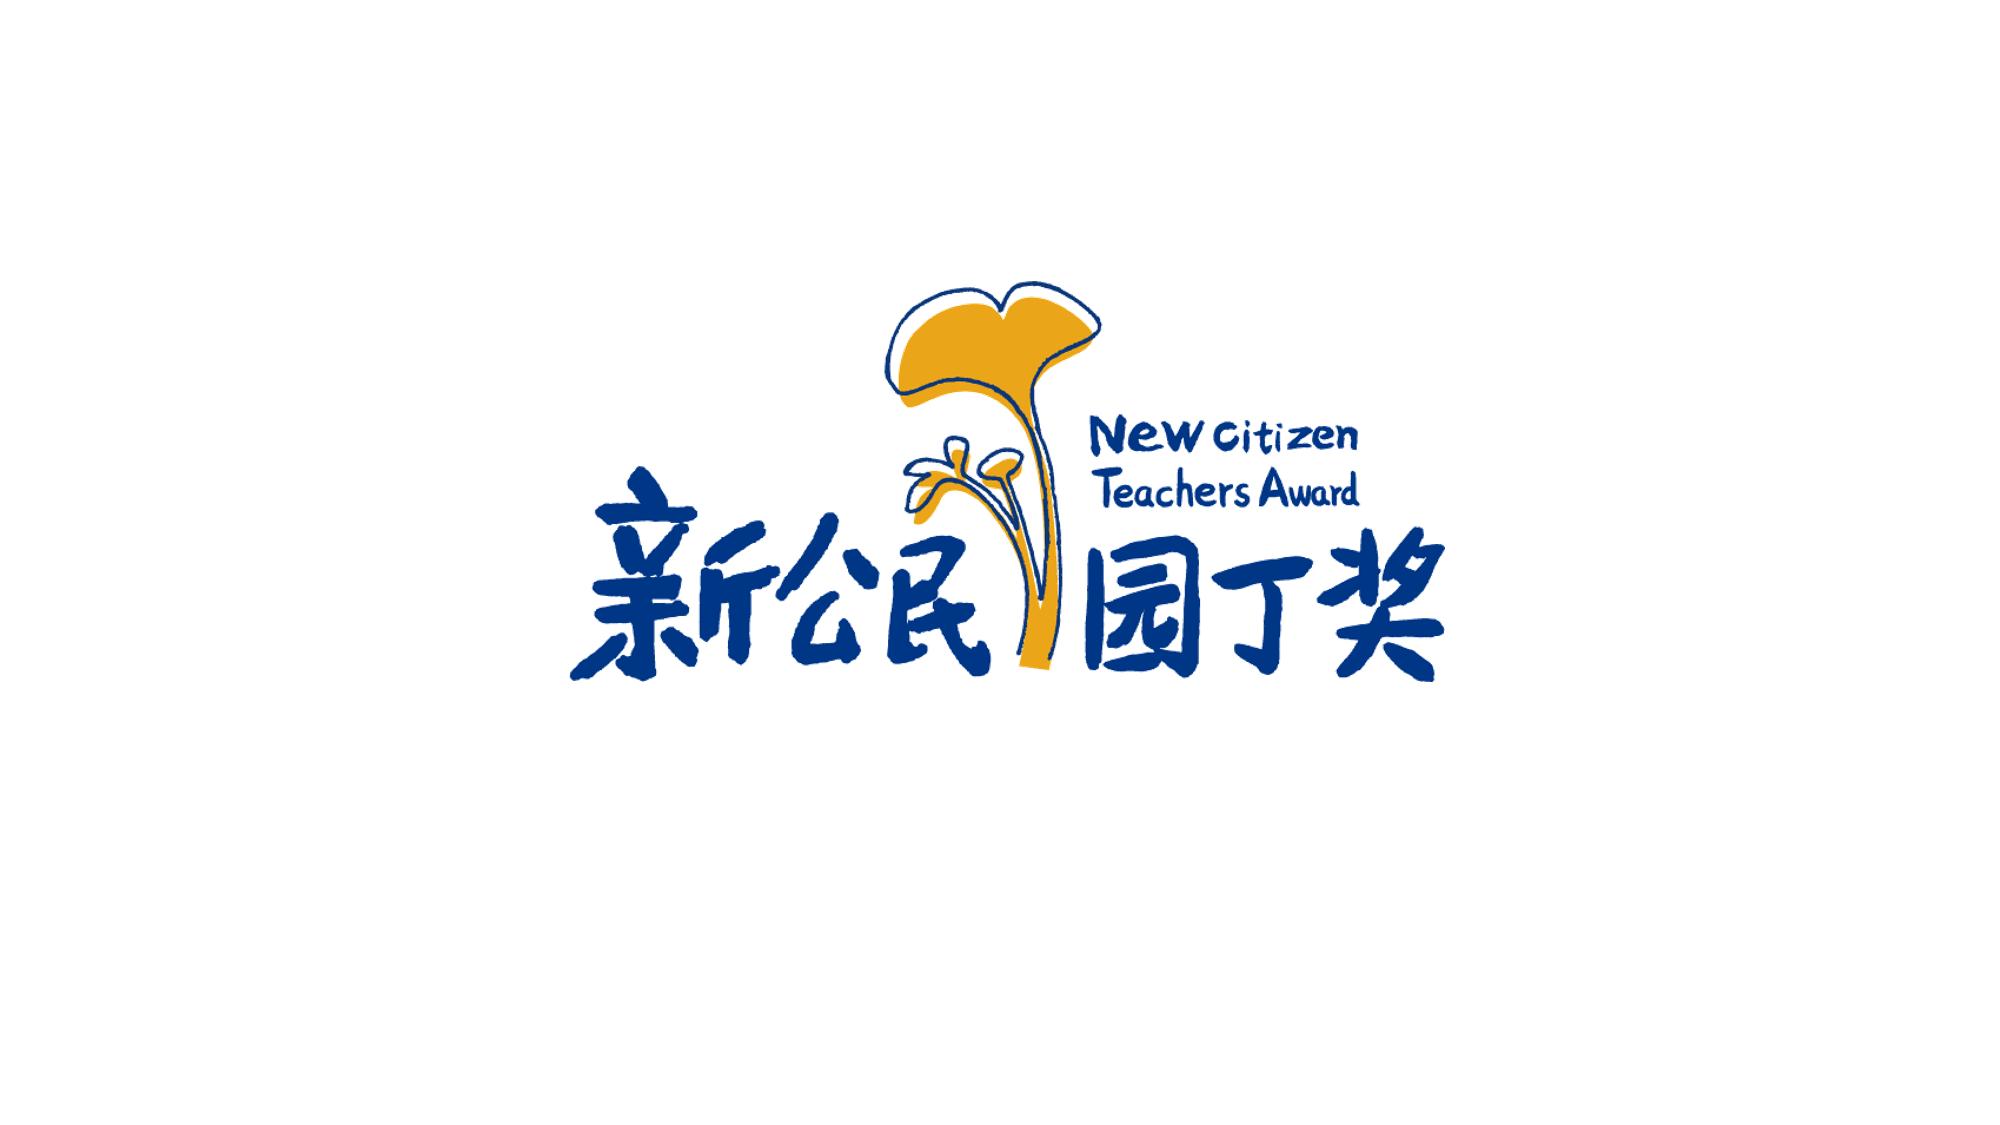 """2016年度""""新公民园丁奖""""正式启动,欢迎您自荐或推荐优秀民办学校教师!"""